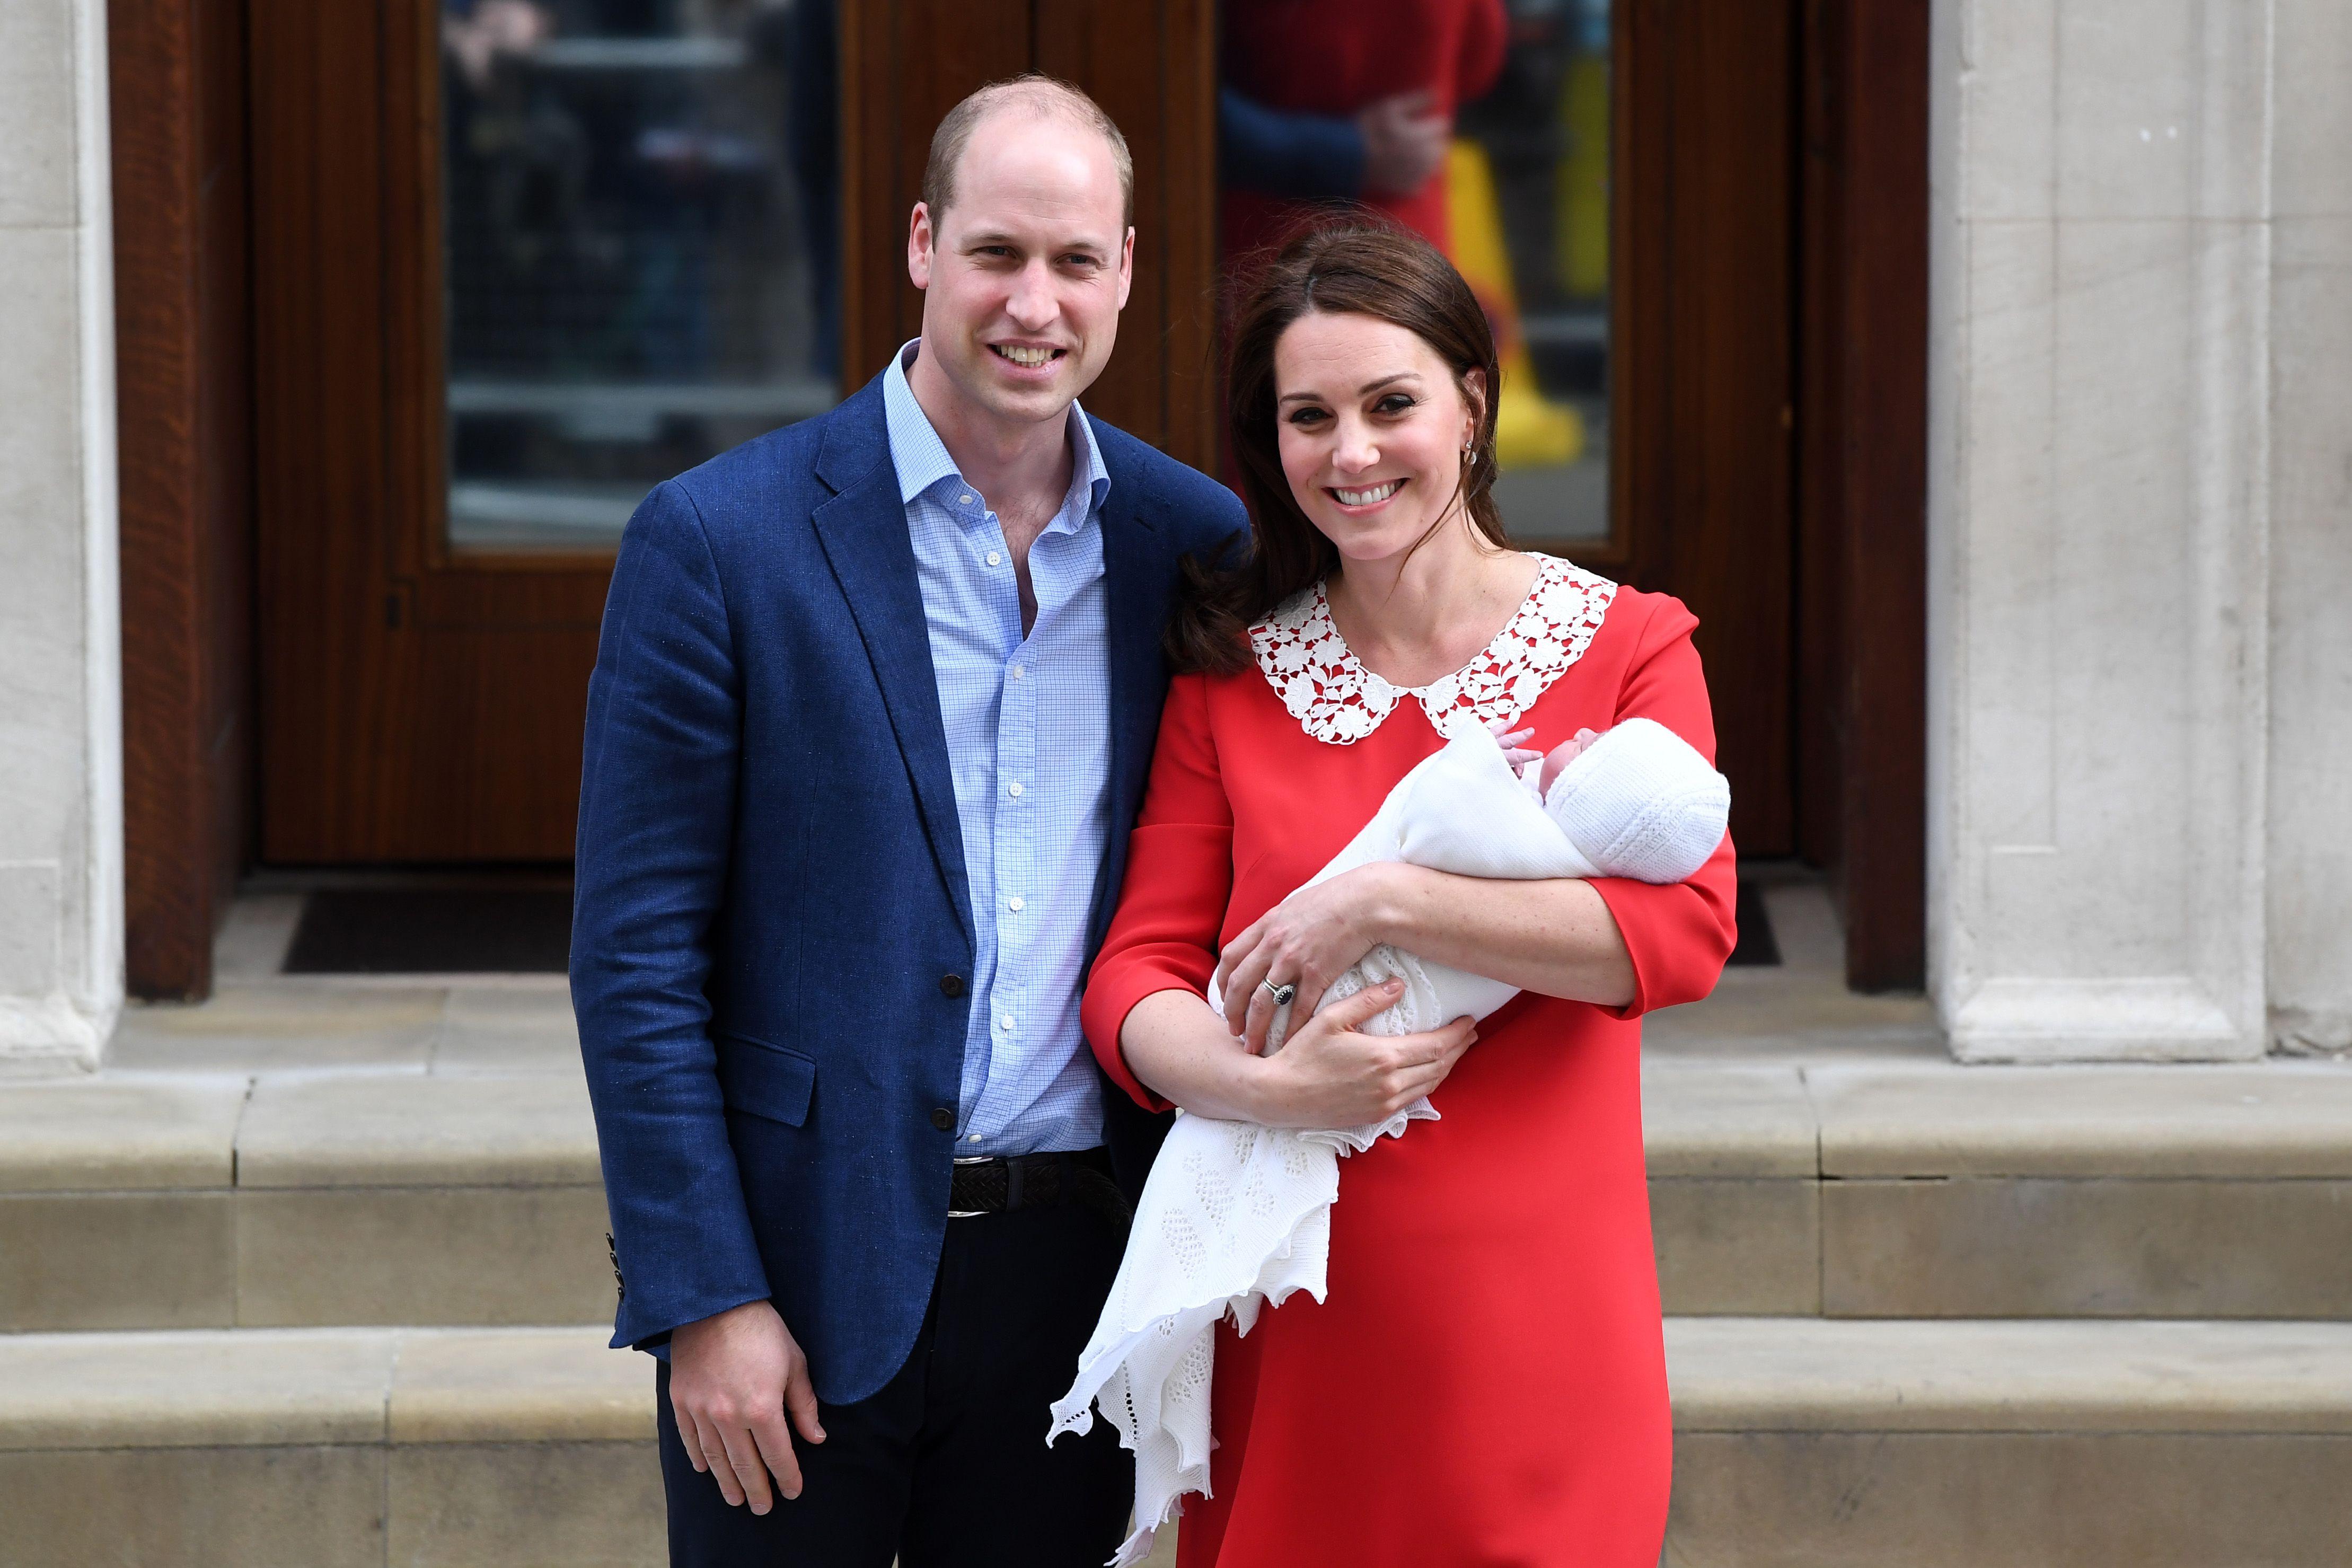 prince william kate middleton royal baby 1524581435 - Princess Kate Middleton Wedding